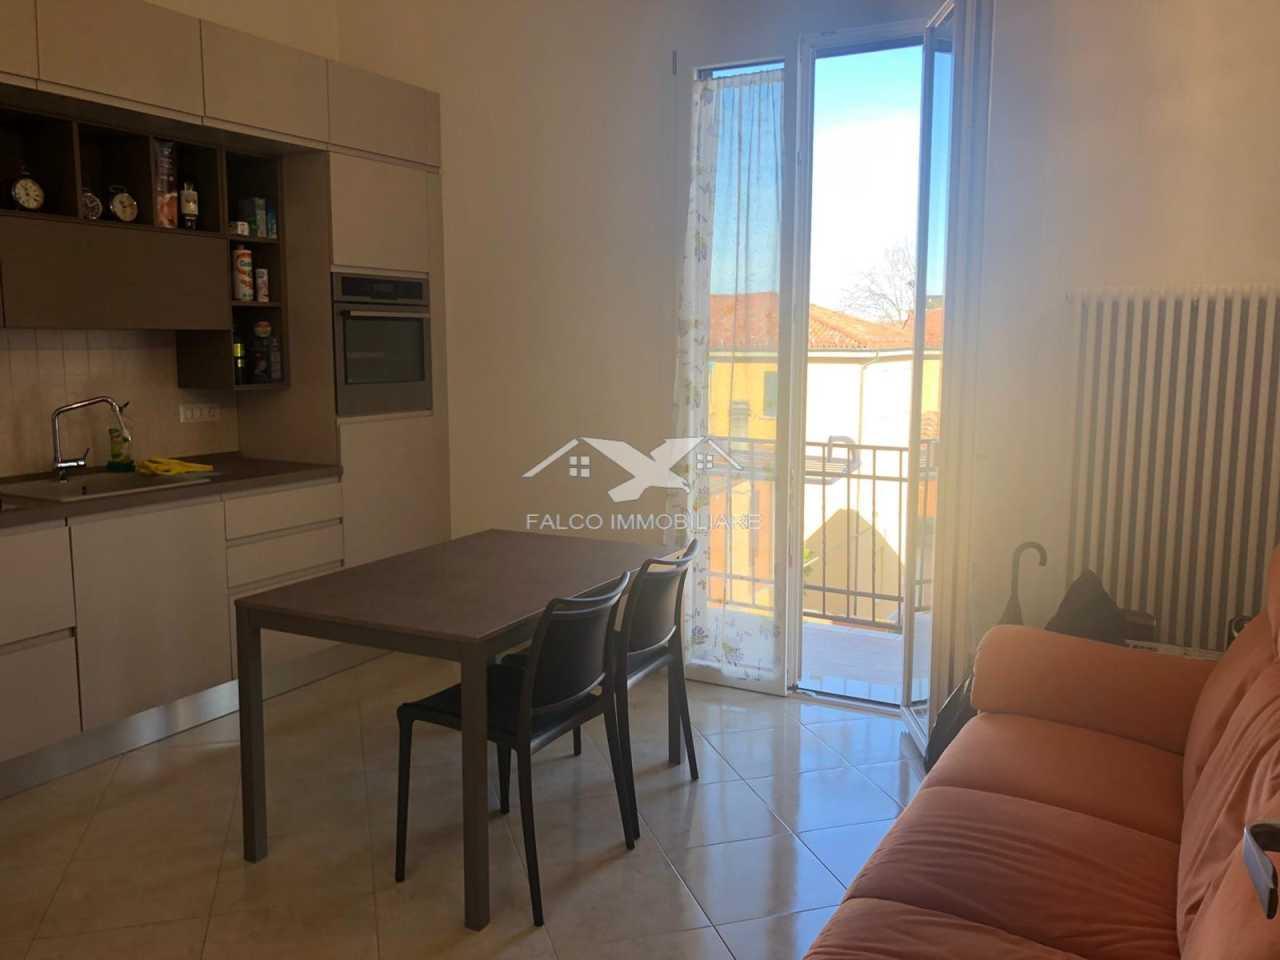 Spazio Vitale Studio Immobiliare appartamenti in vendita a bologna in zona via di frino